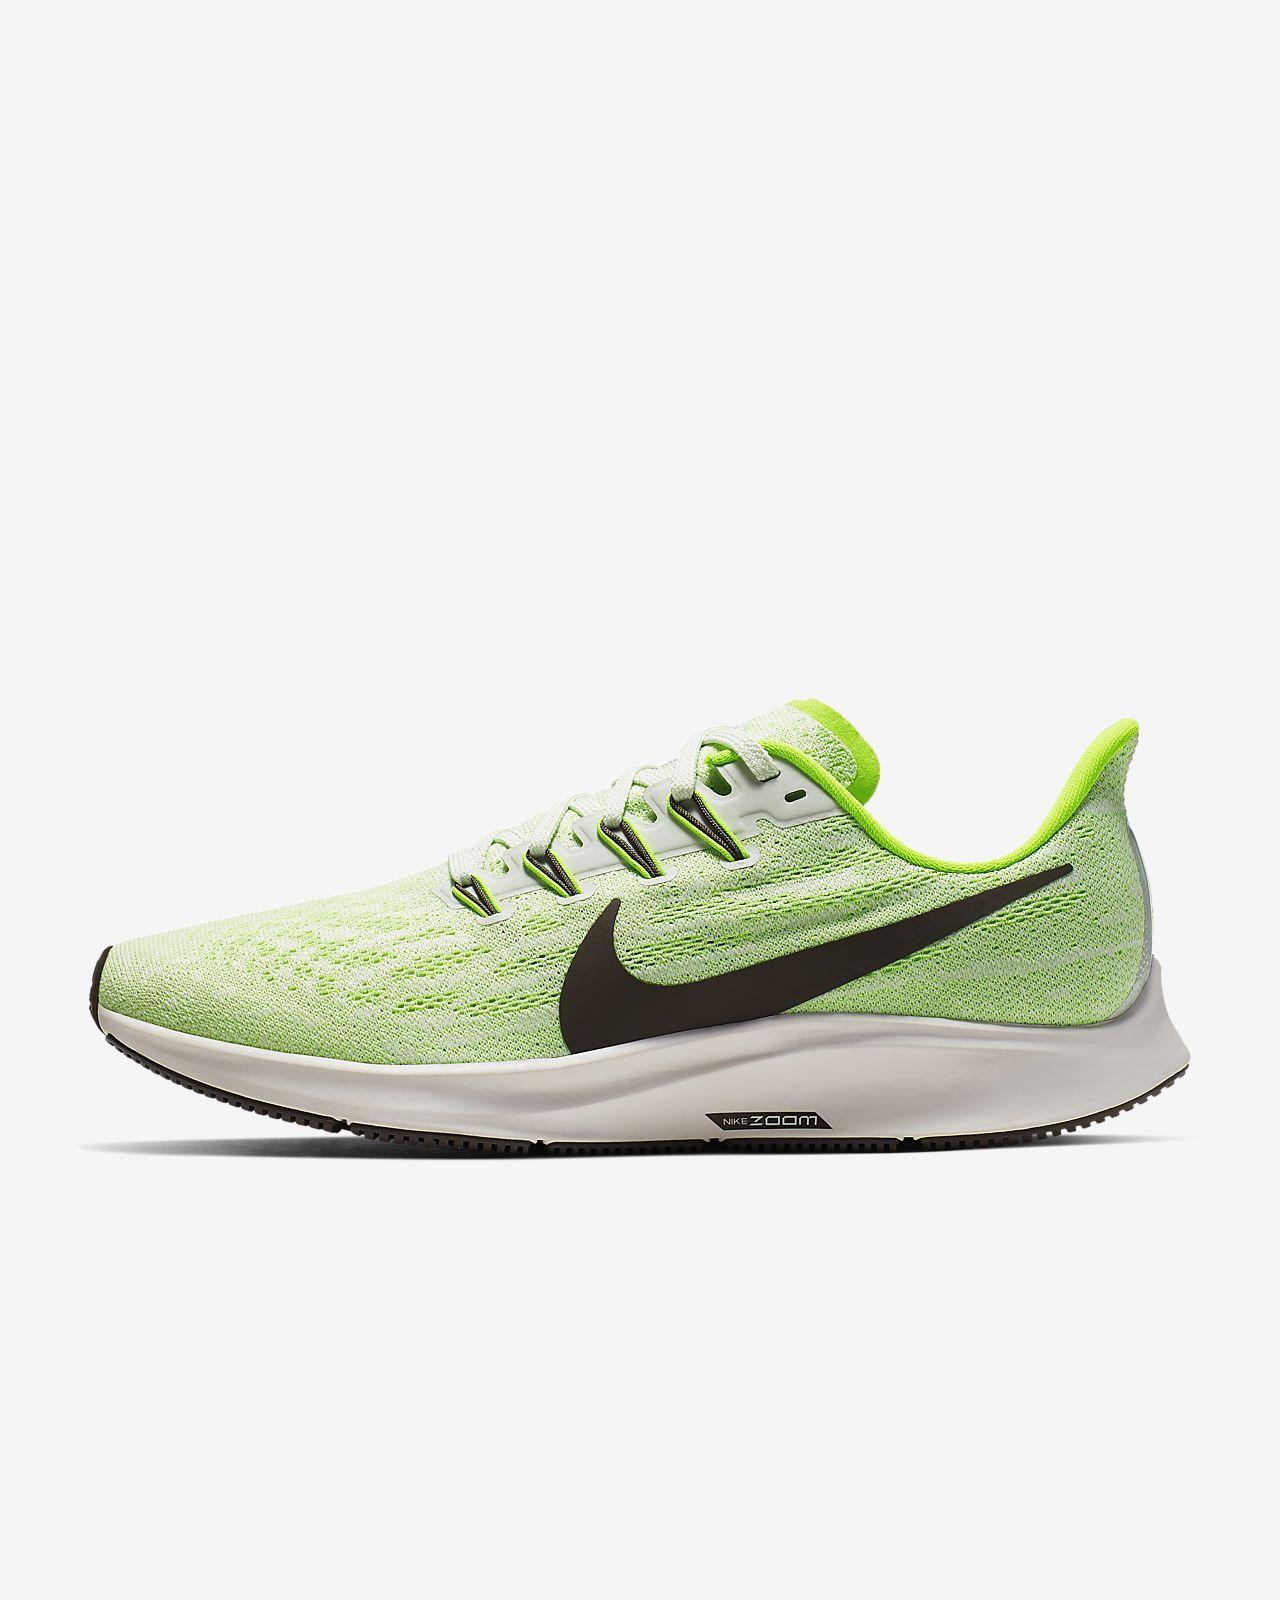 Nike Zoom Air Herren